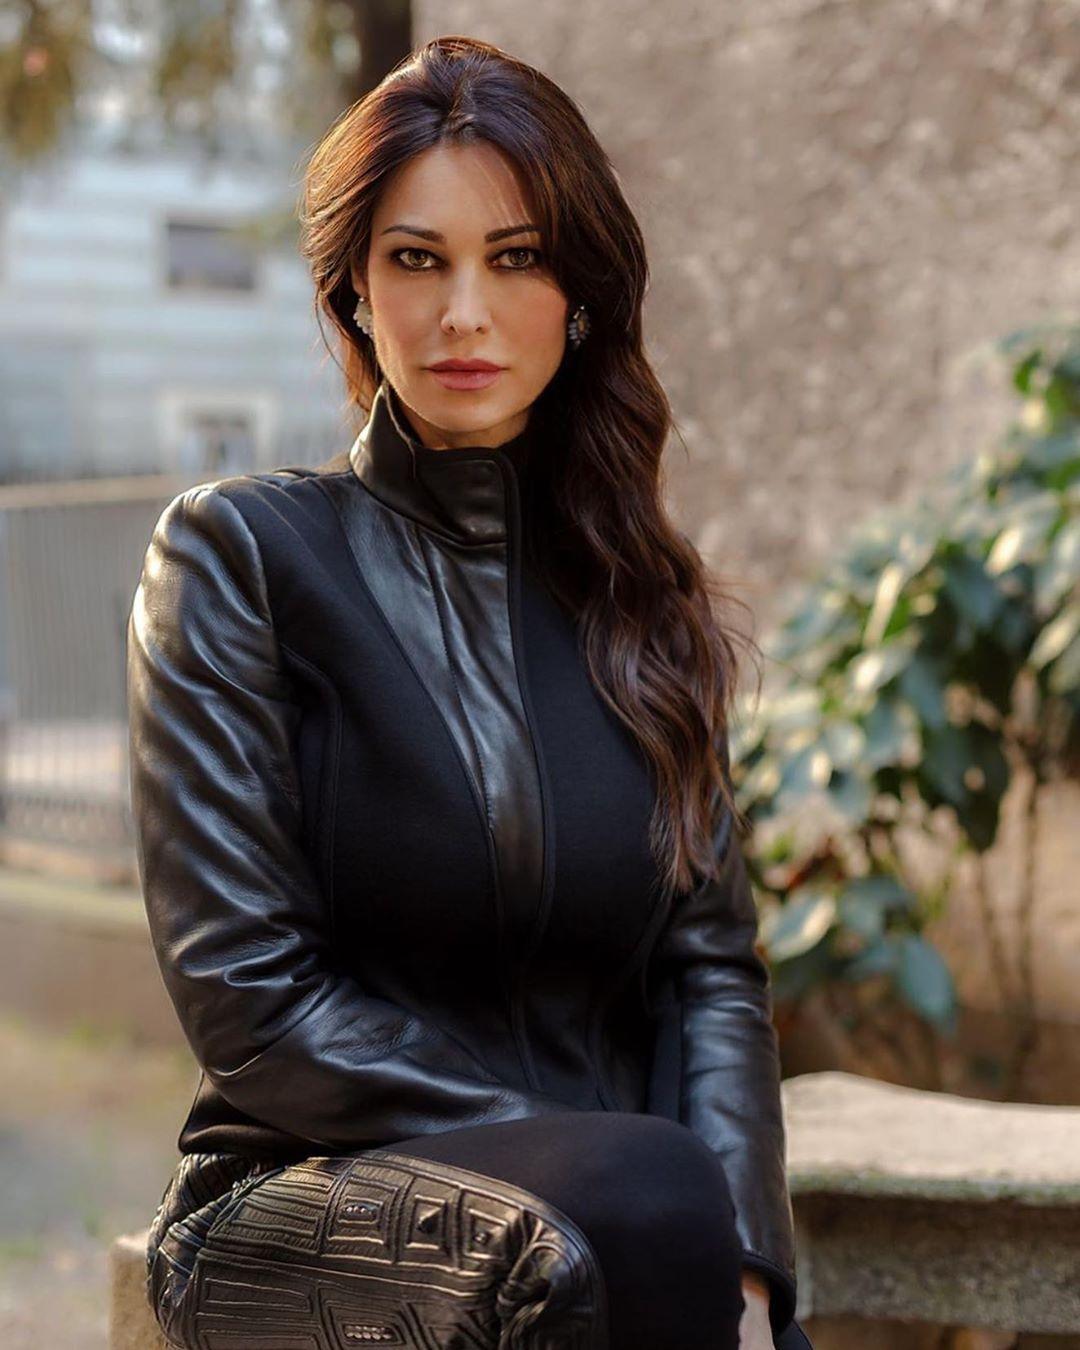 Manuela Arcuri, modella di fama internazionale